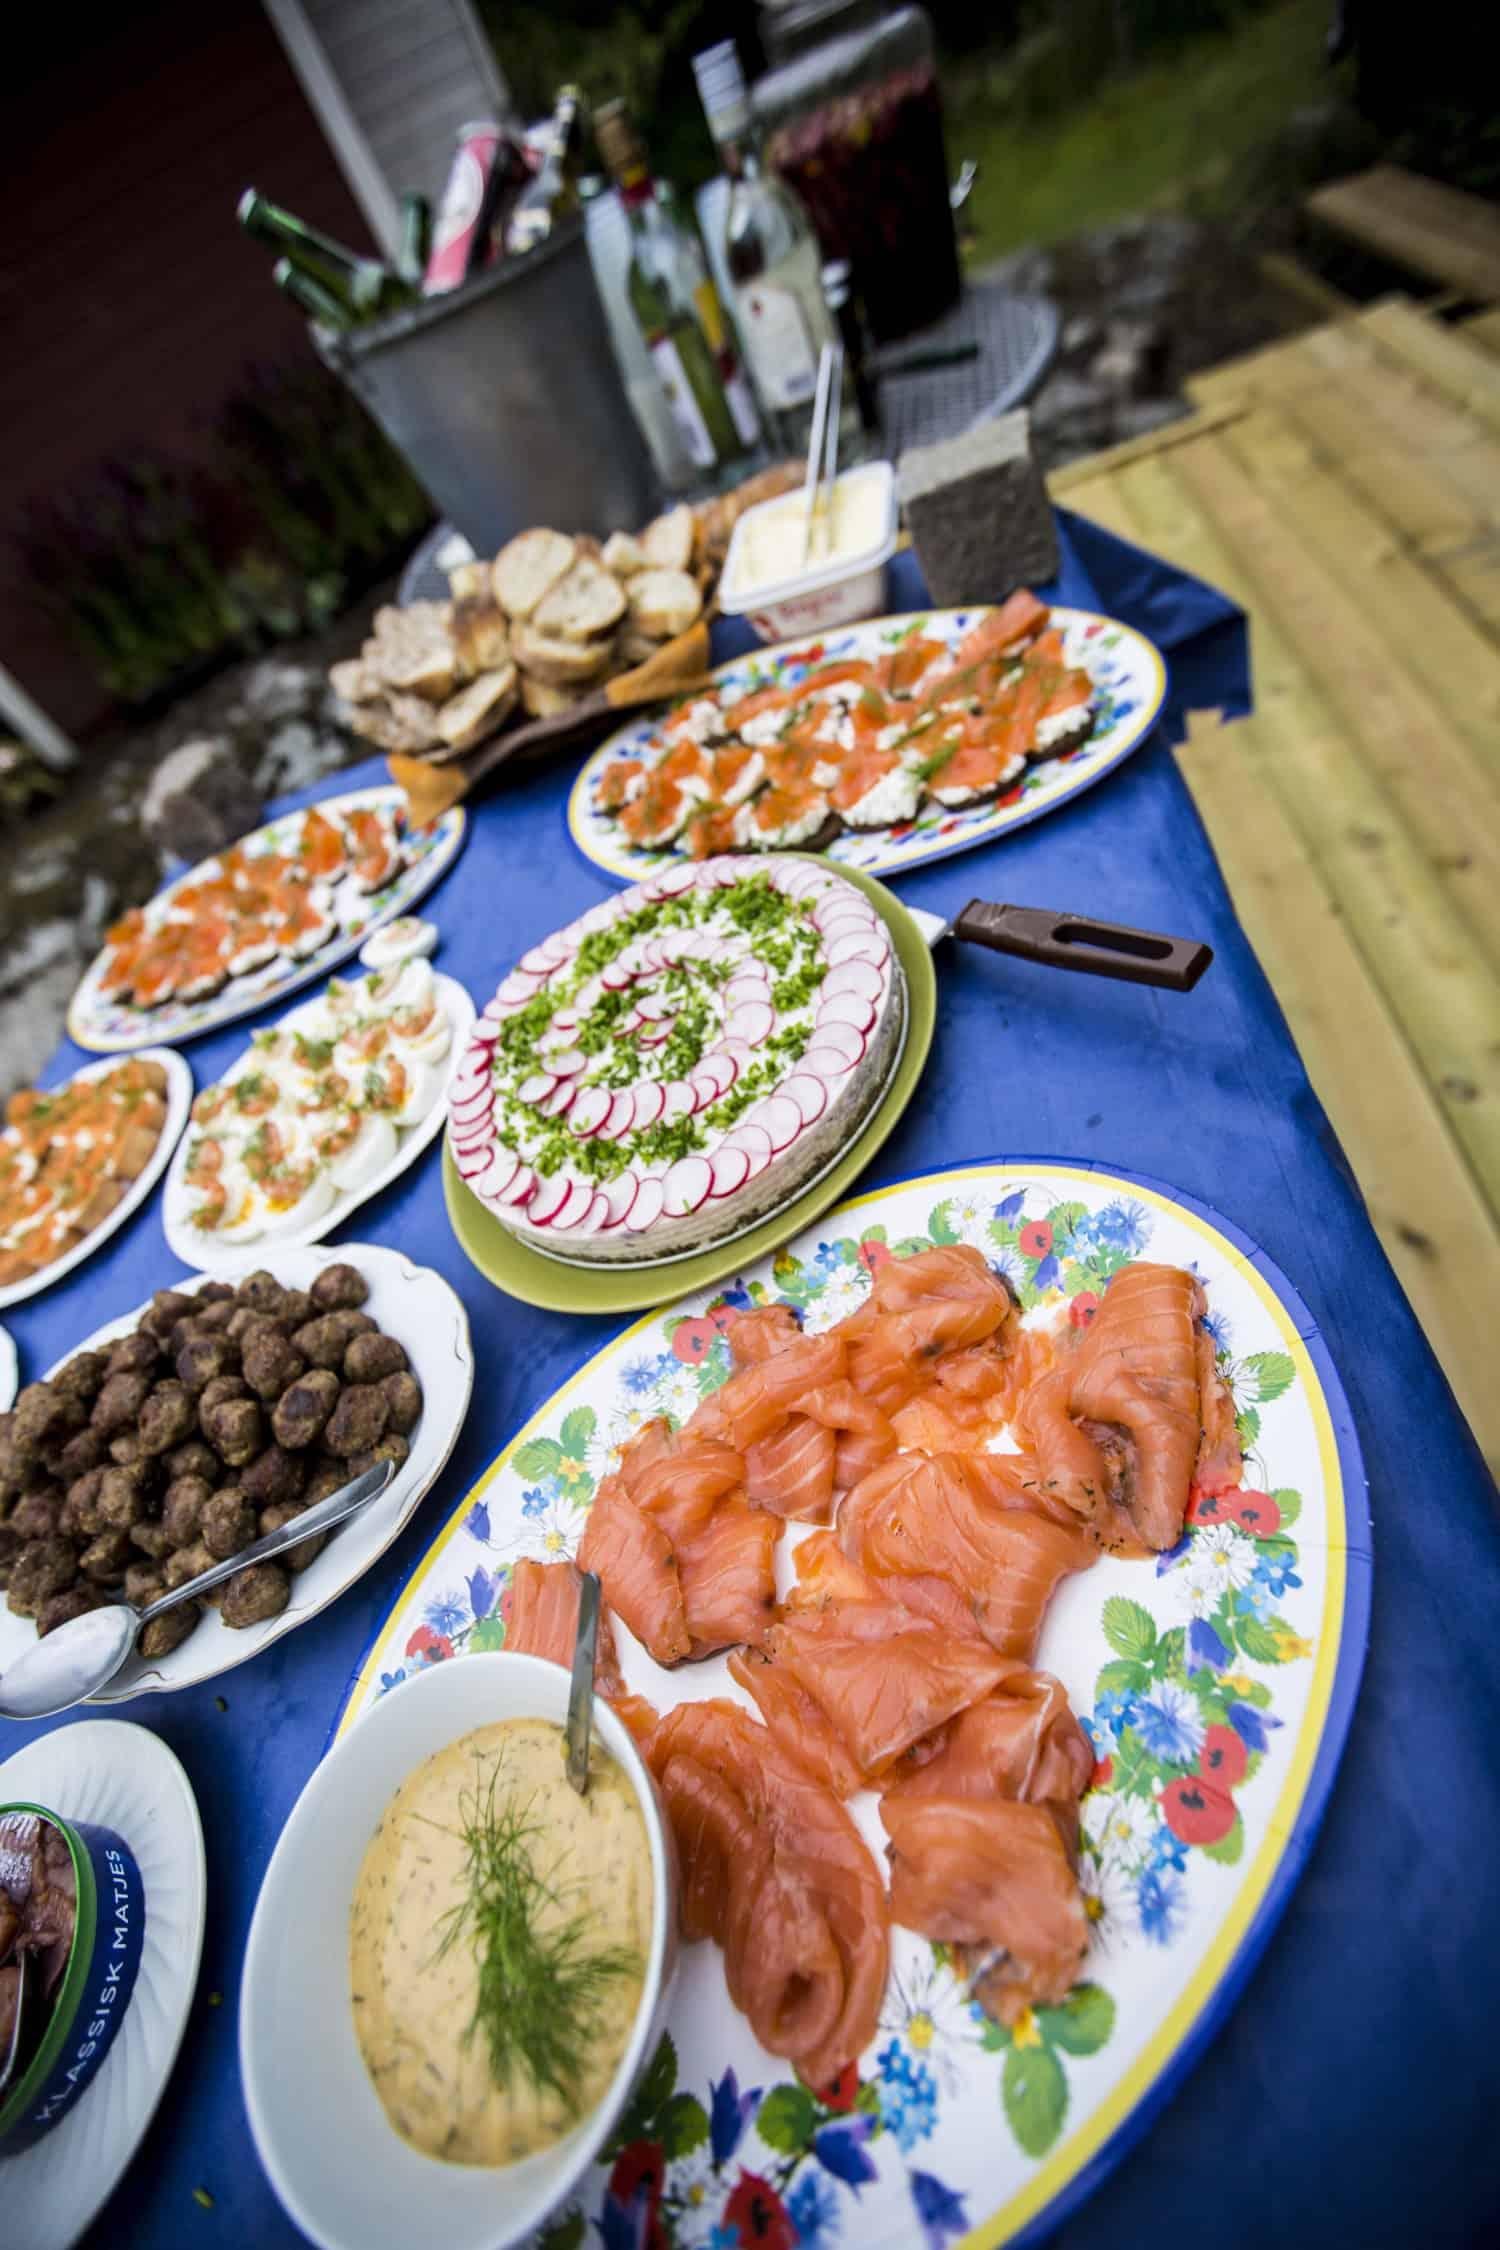 typisk svensk midsommarmat